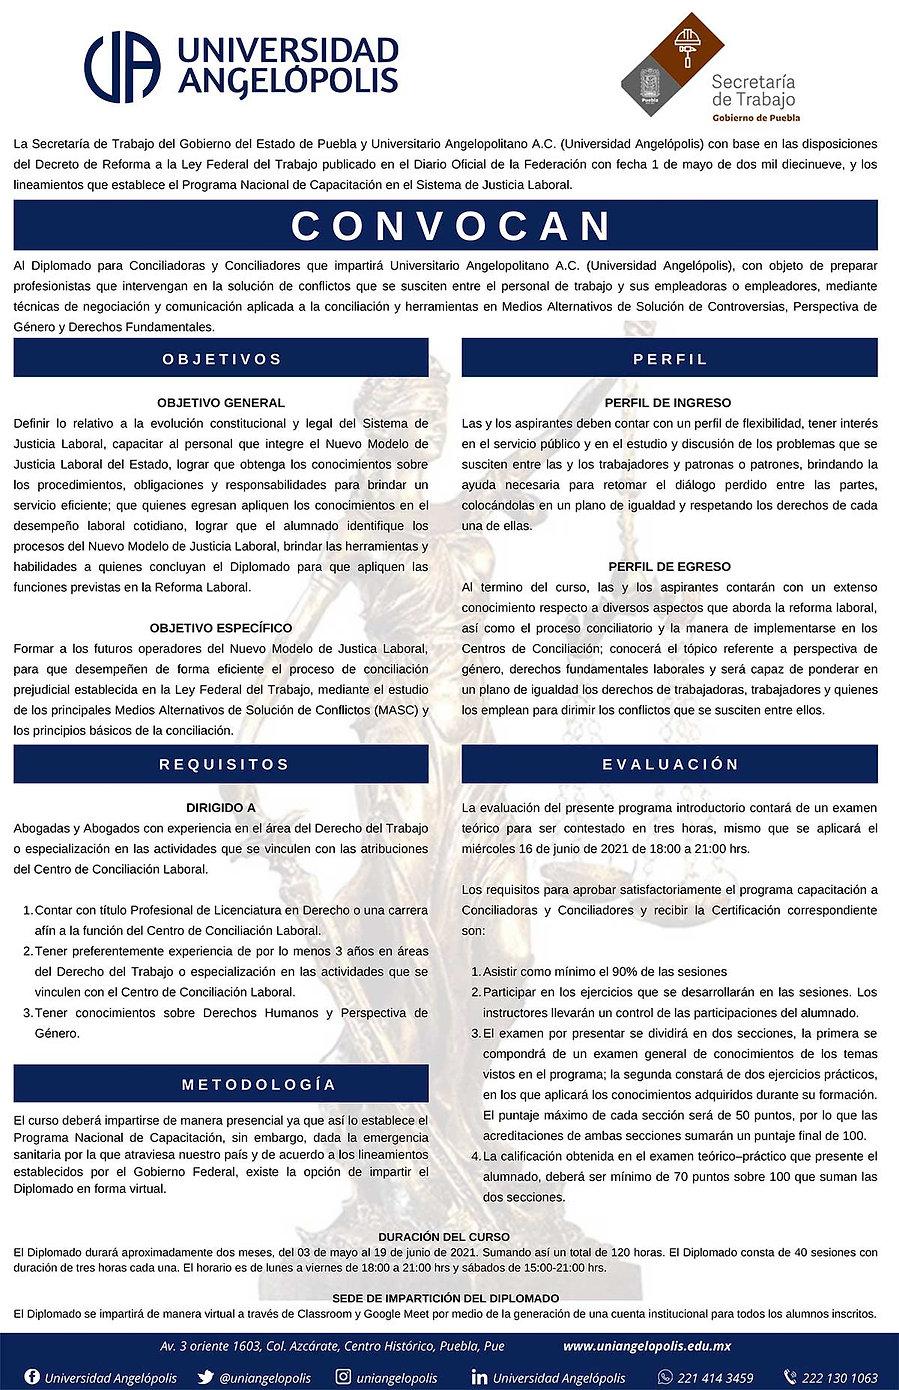 Convocatoria-Conciliadores-OK-1.jpg